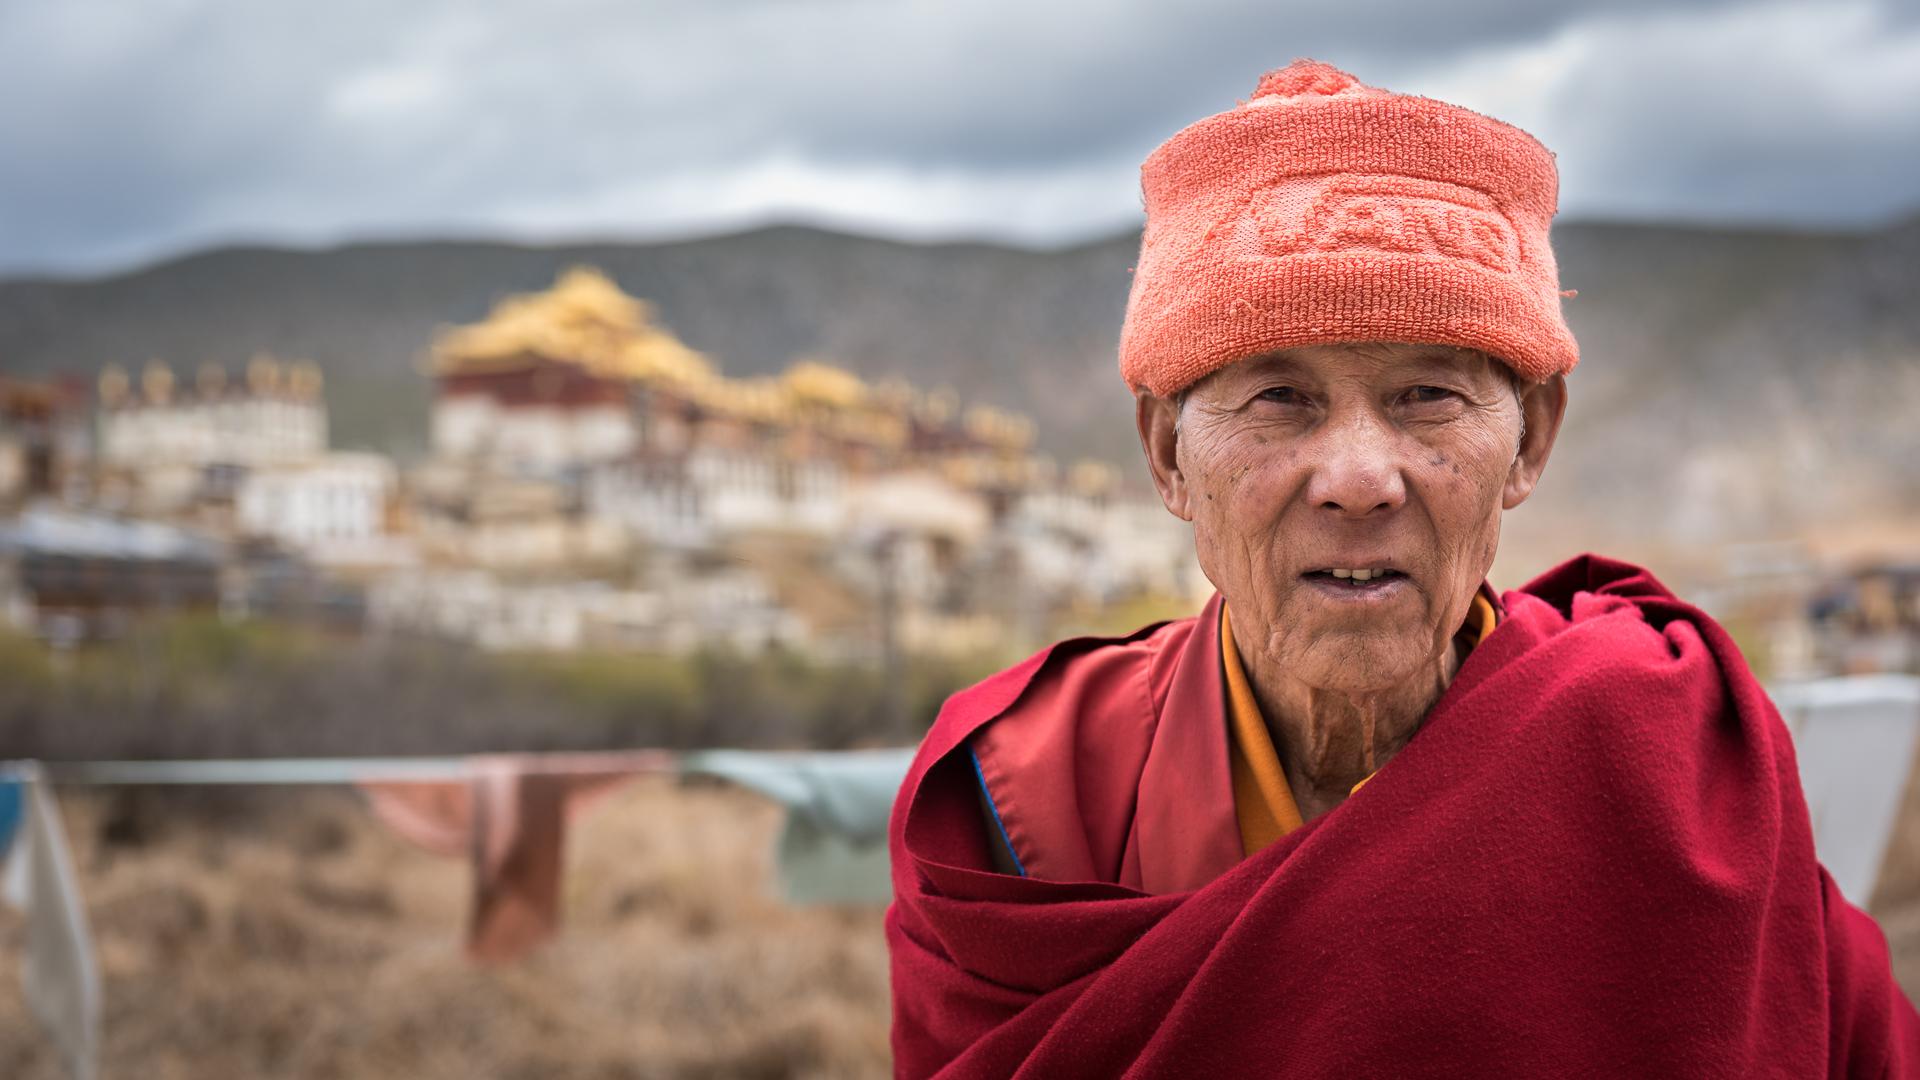 A Tibetan buddhist monk